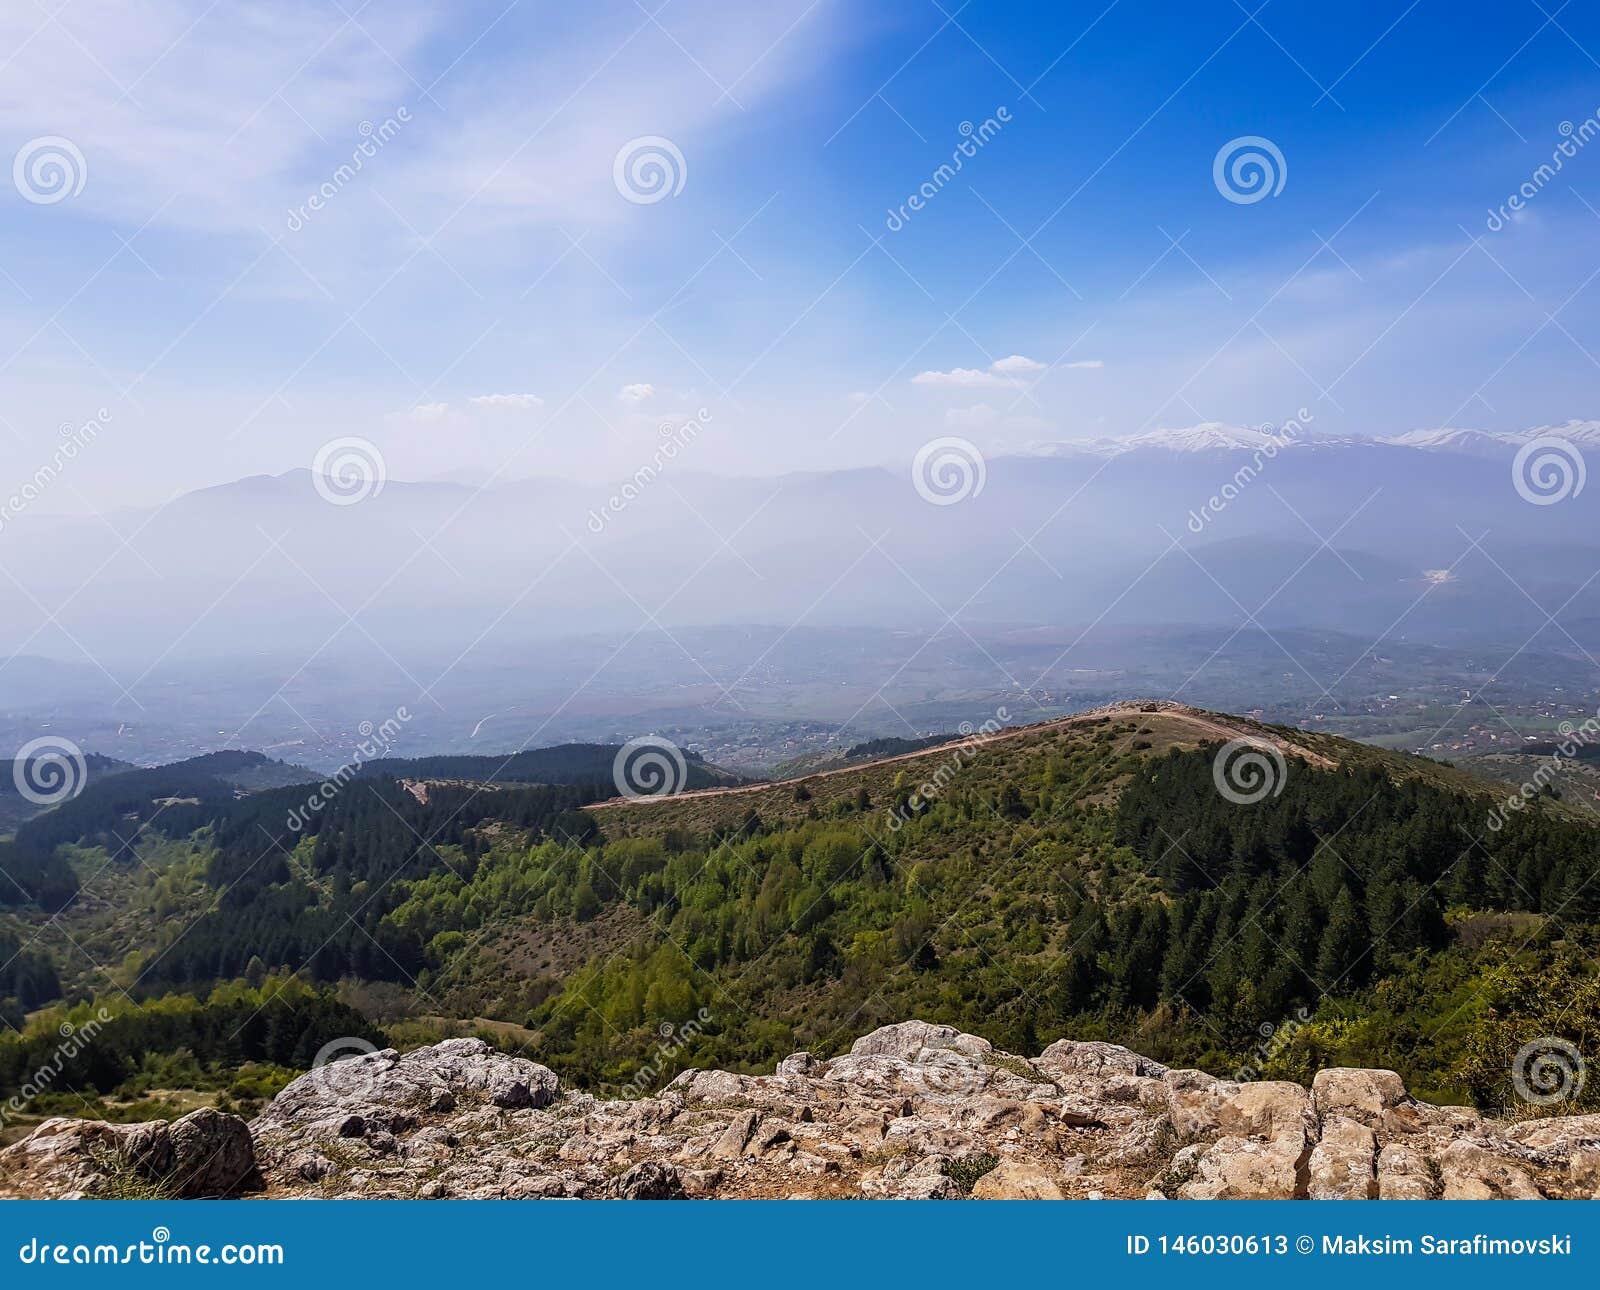 Una fotografia della siluetta delle montagne con nebbia